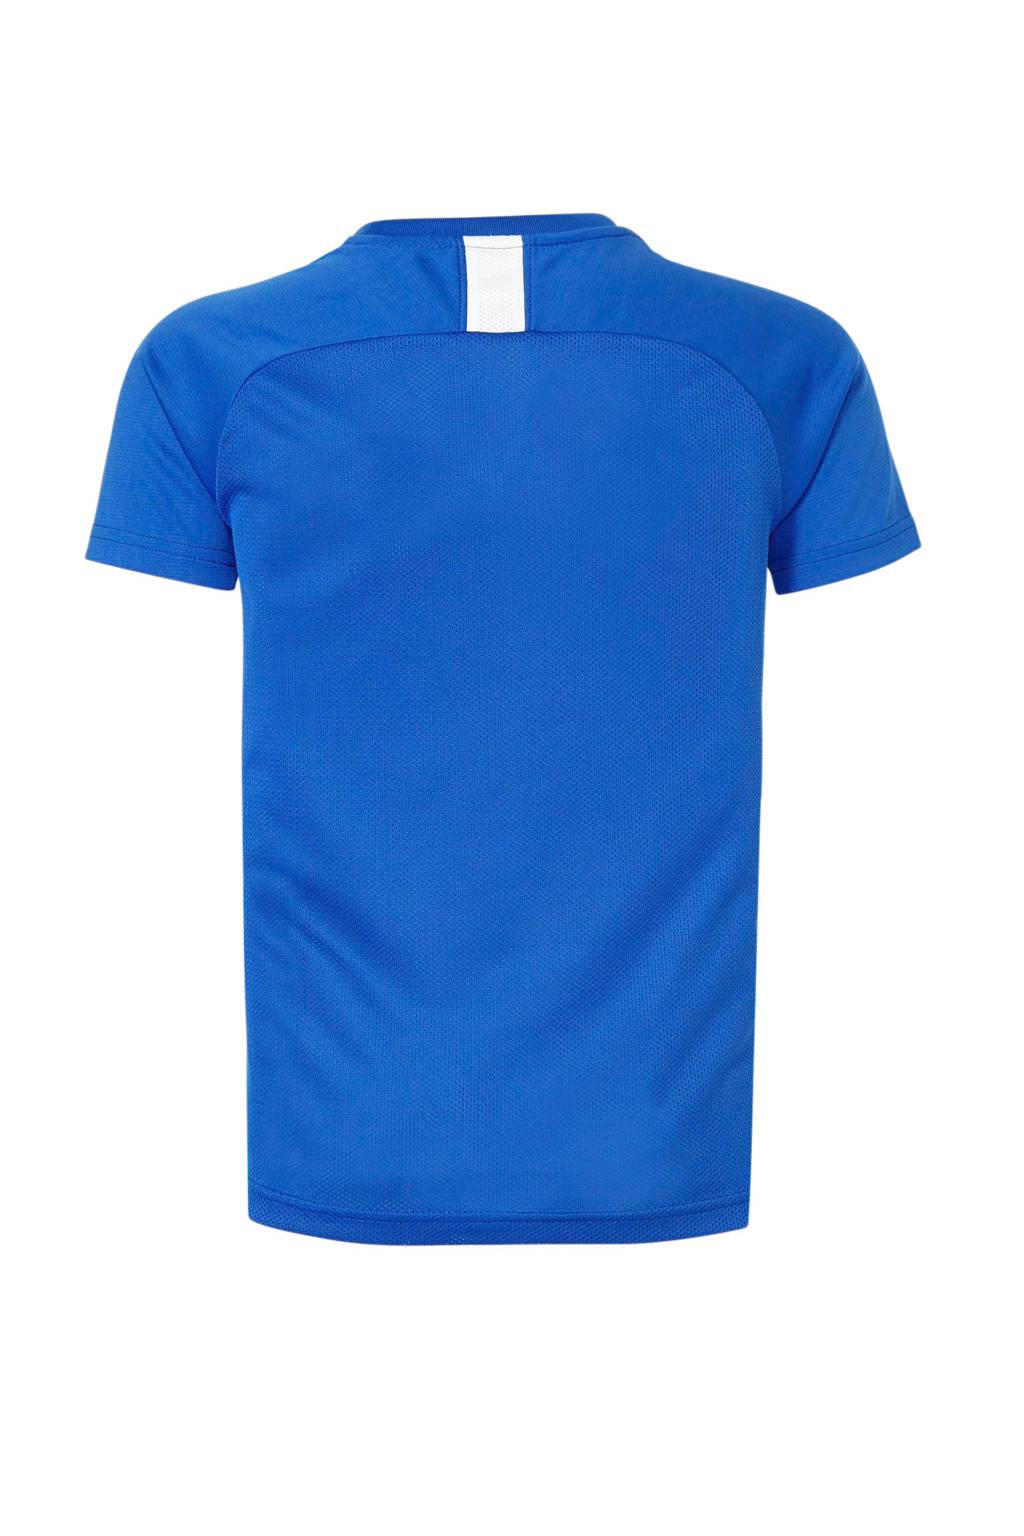 Nike Junior  voetbalshirt blauw, Blauw/wit